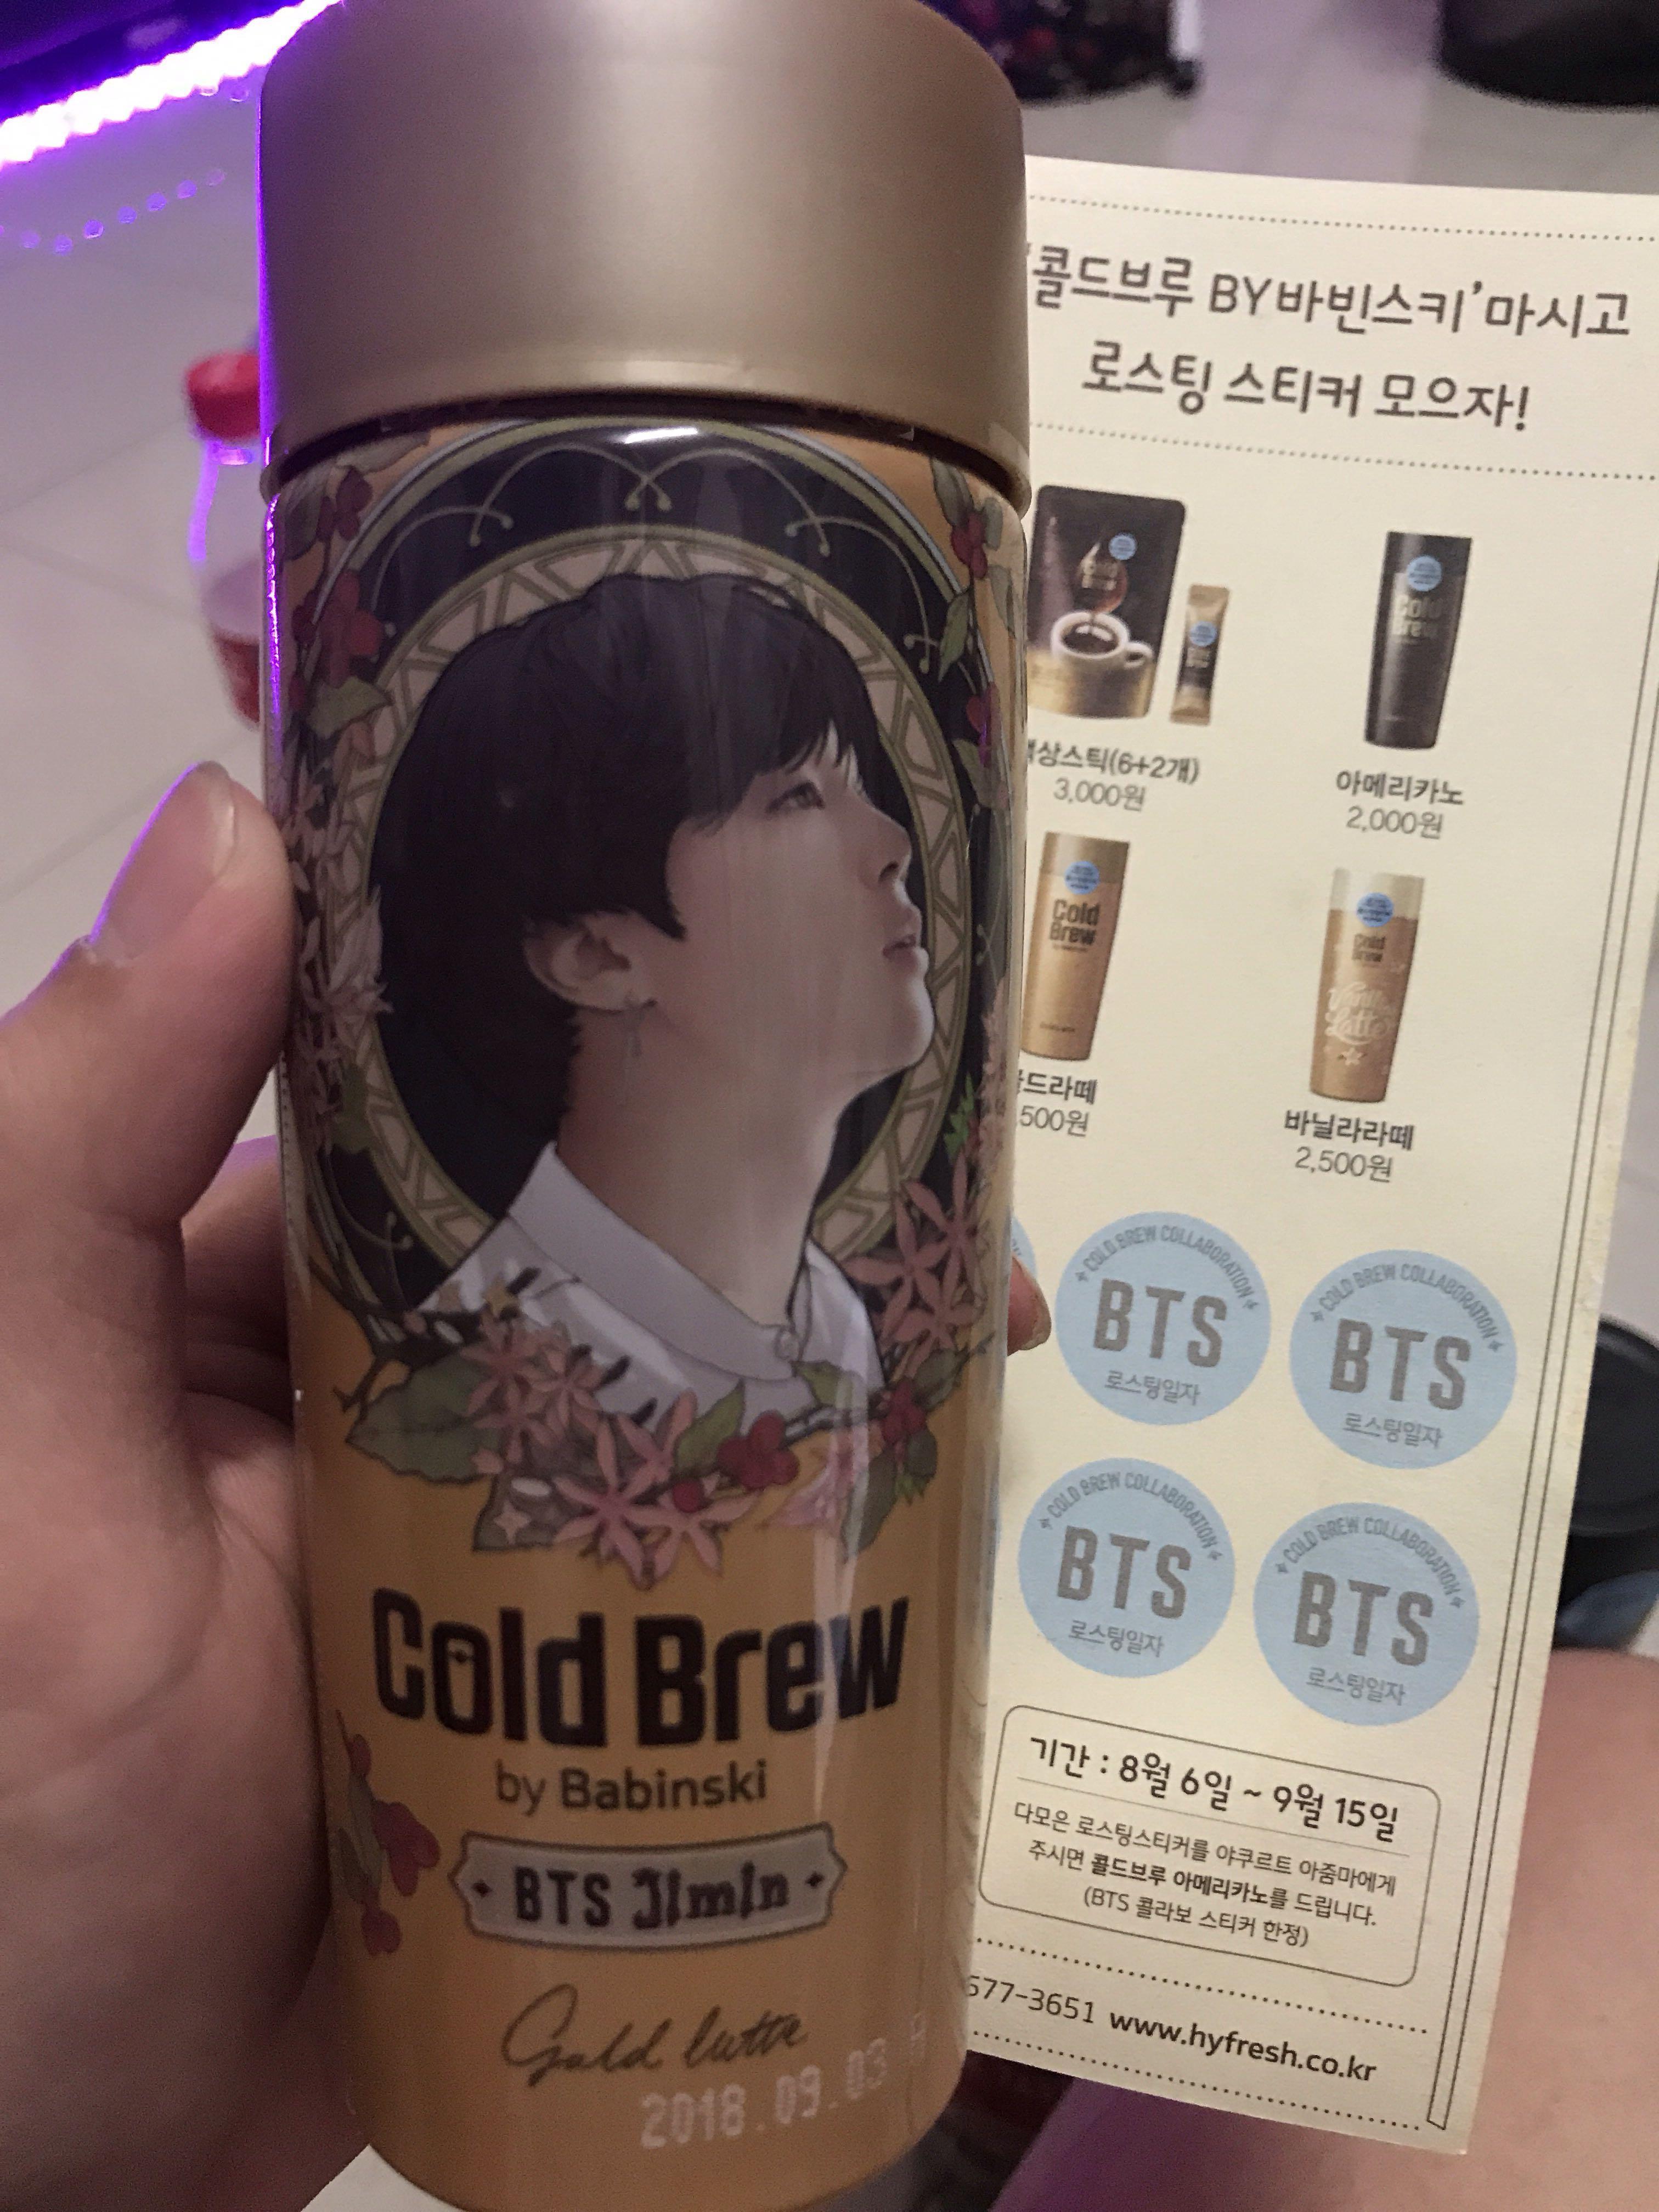 BTS Jimin Edition Cold Brew Gold Latte 2018 Korea Empty Bottle